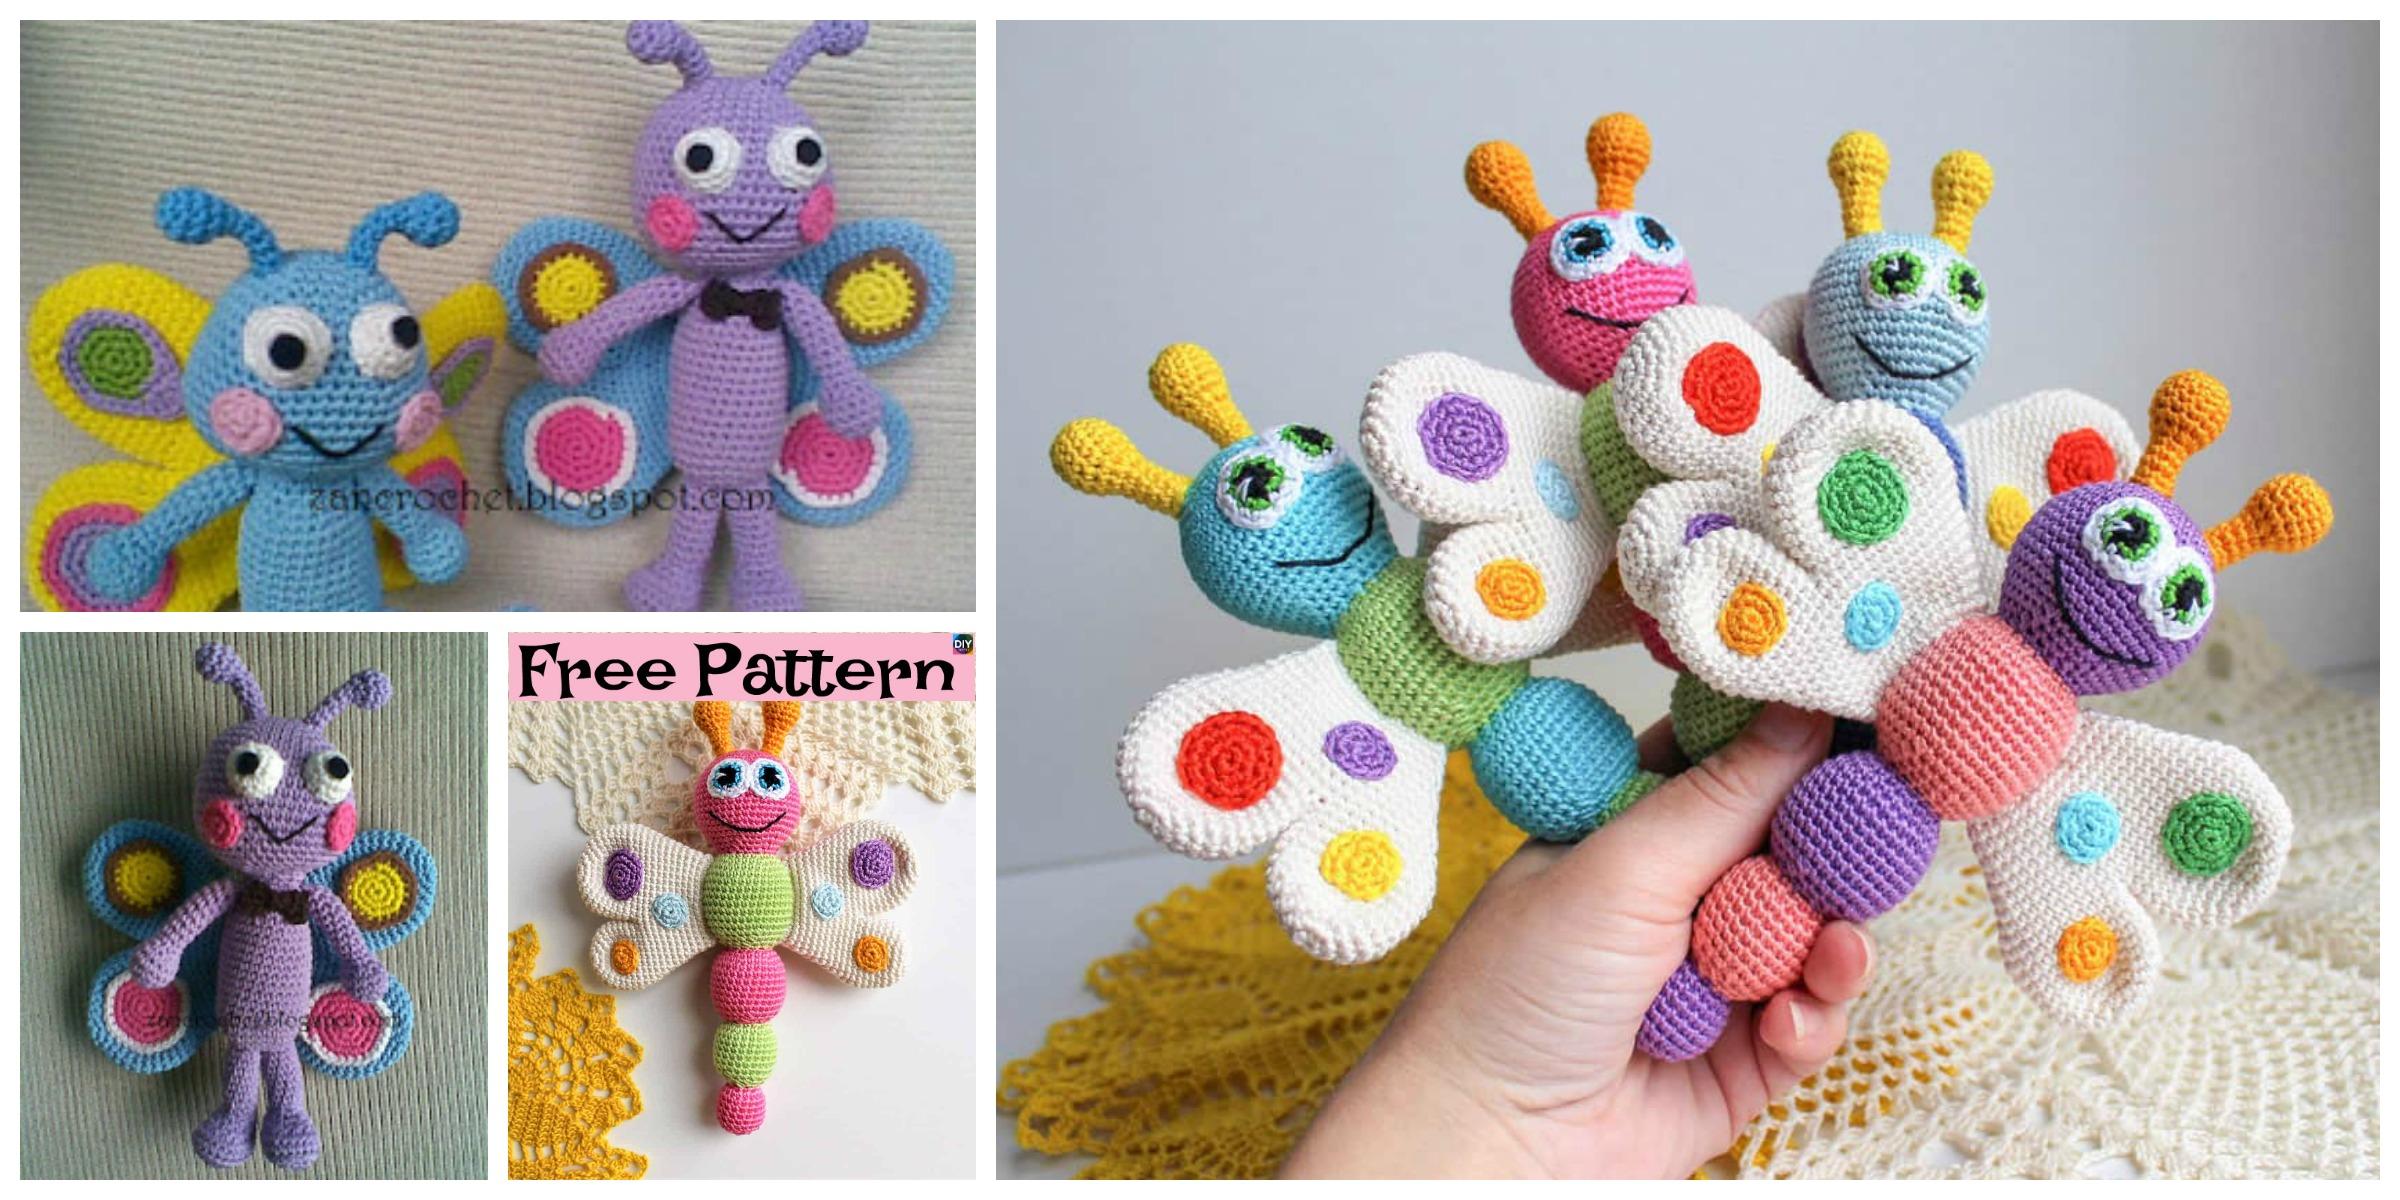 Easy Crochet Amigurumi Butterfly – Free Patterns